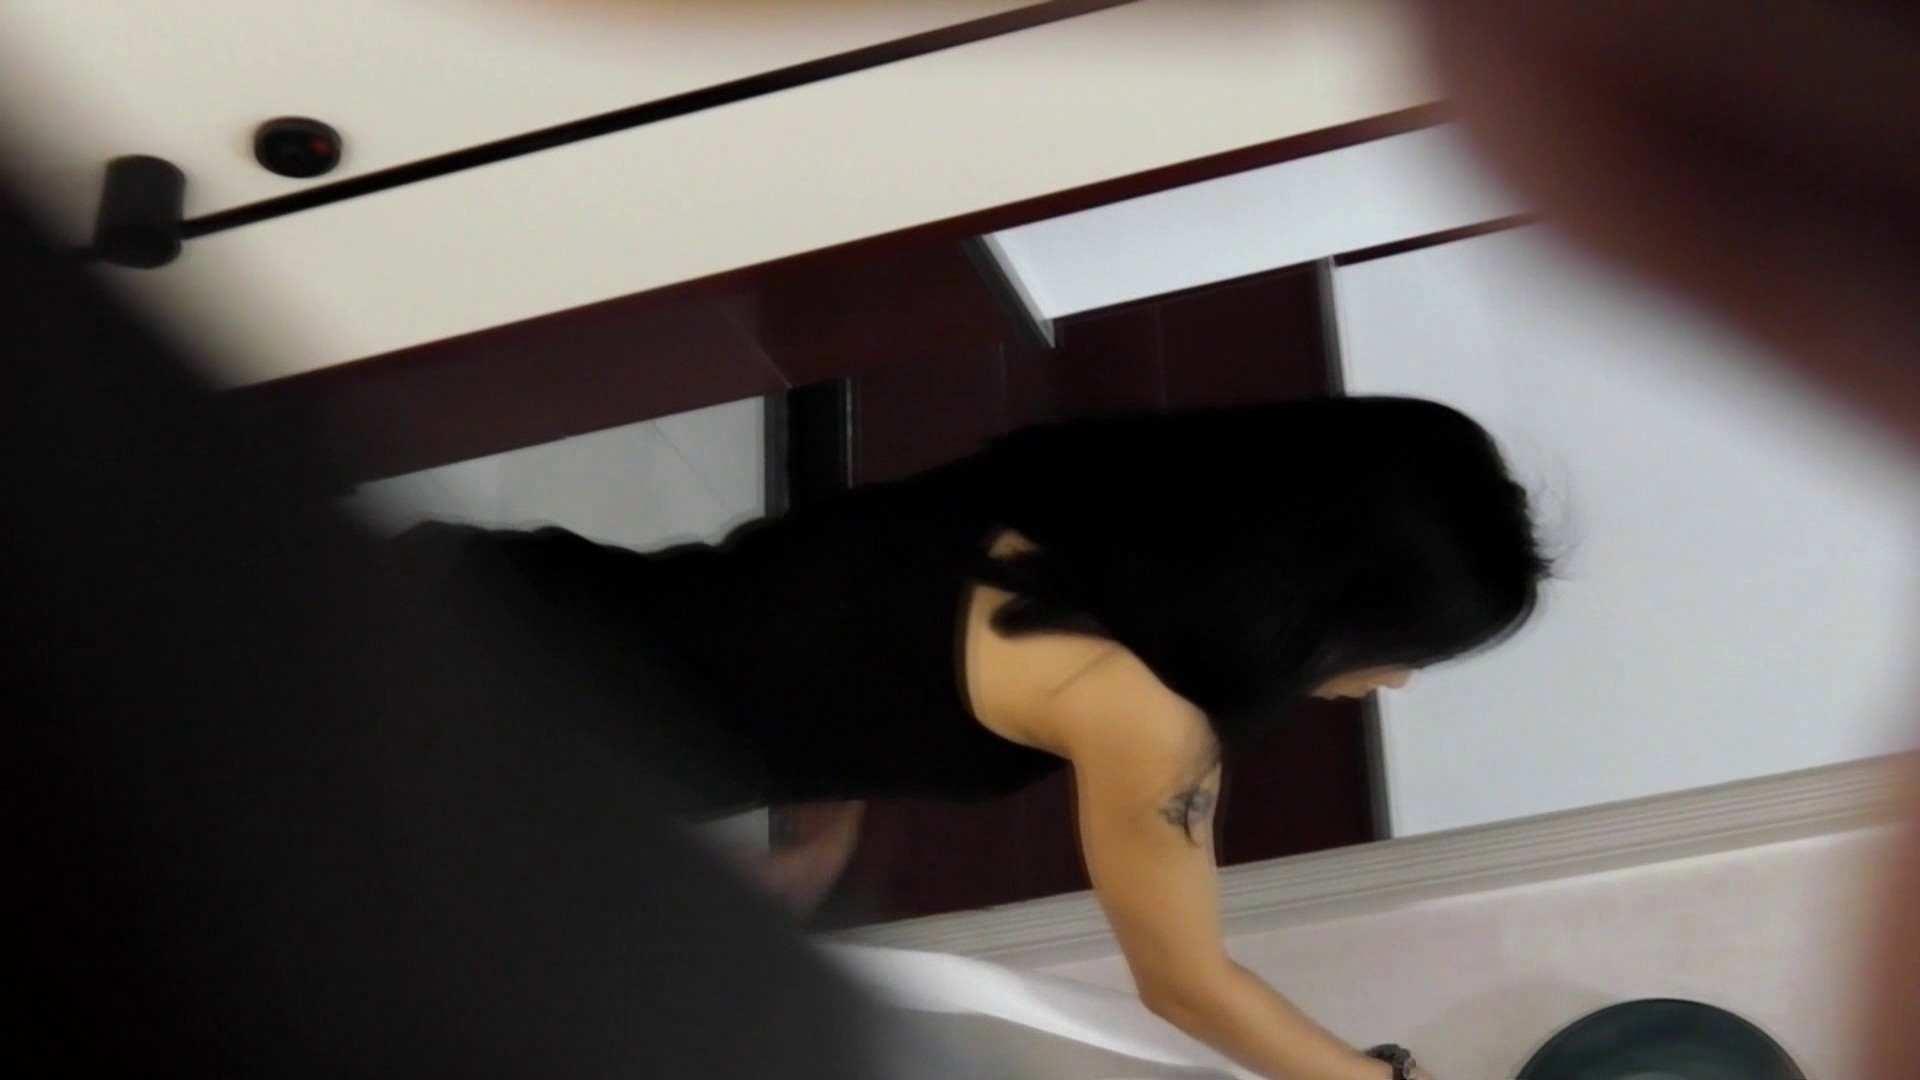 お市さんの「お尻丸出しジャンボリー」12 前代未聞和式個室内手で洗う 美人編 AV動画キャプチャ 102画像 5